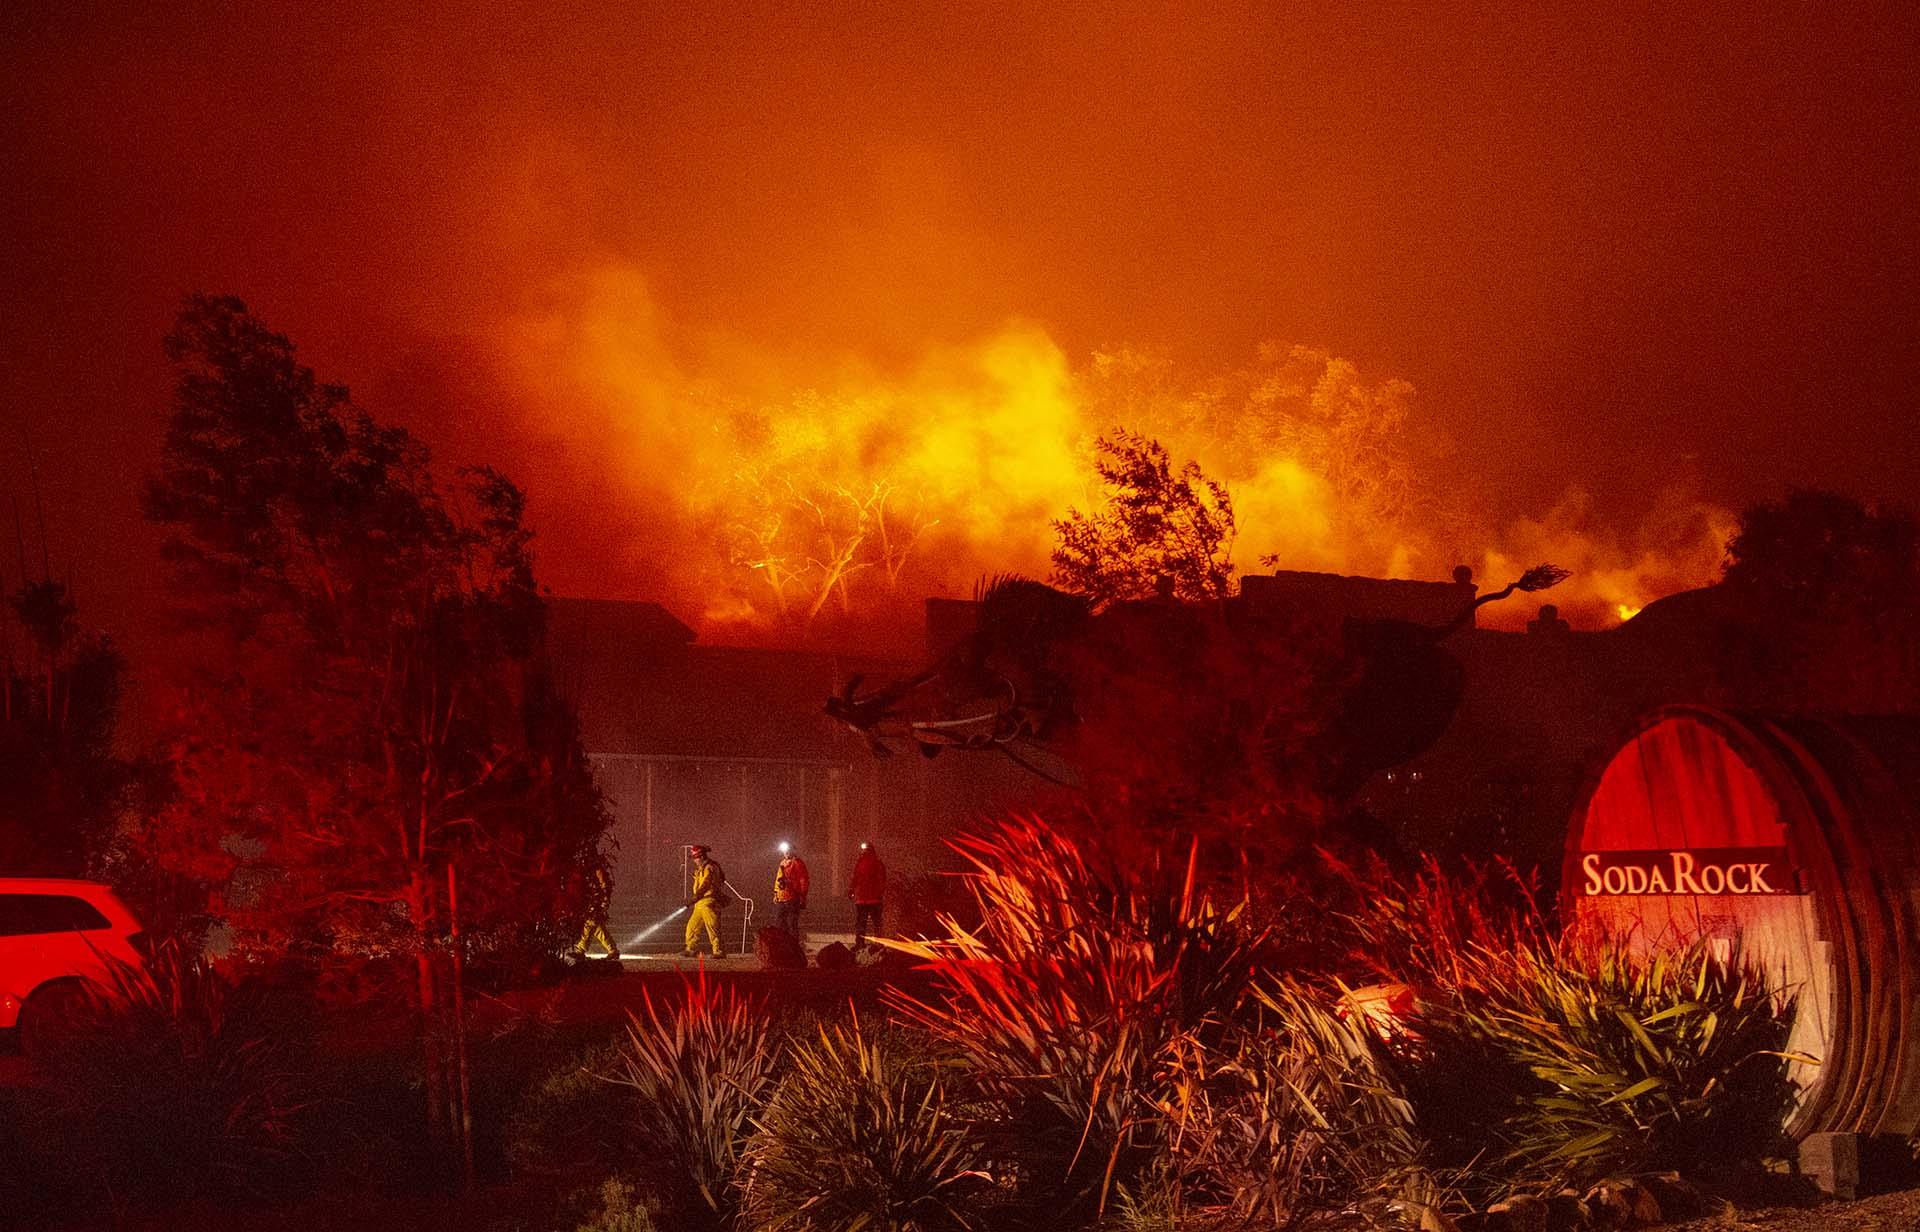 Los vientos poderosos estaban avivando incendios forestales en el norte de California, un